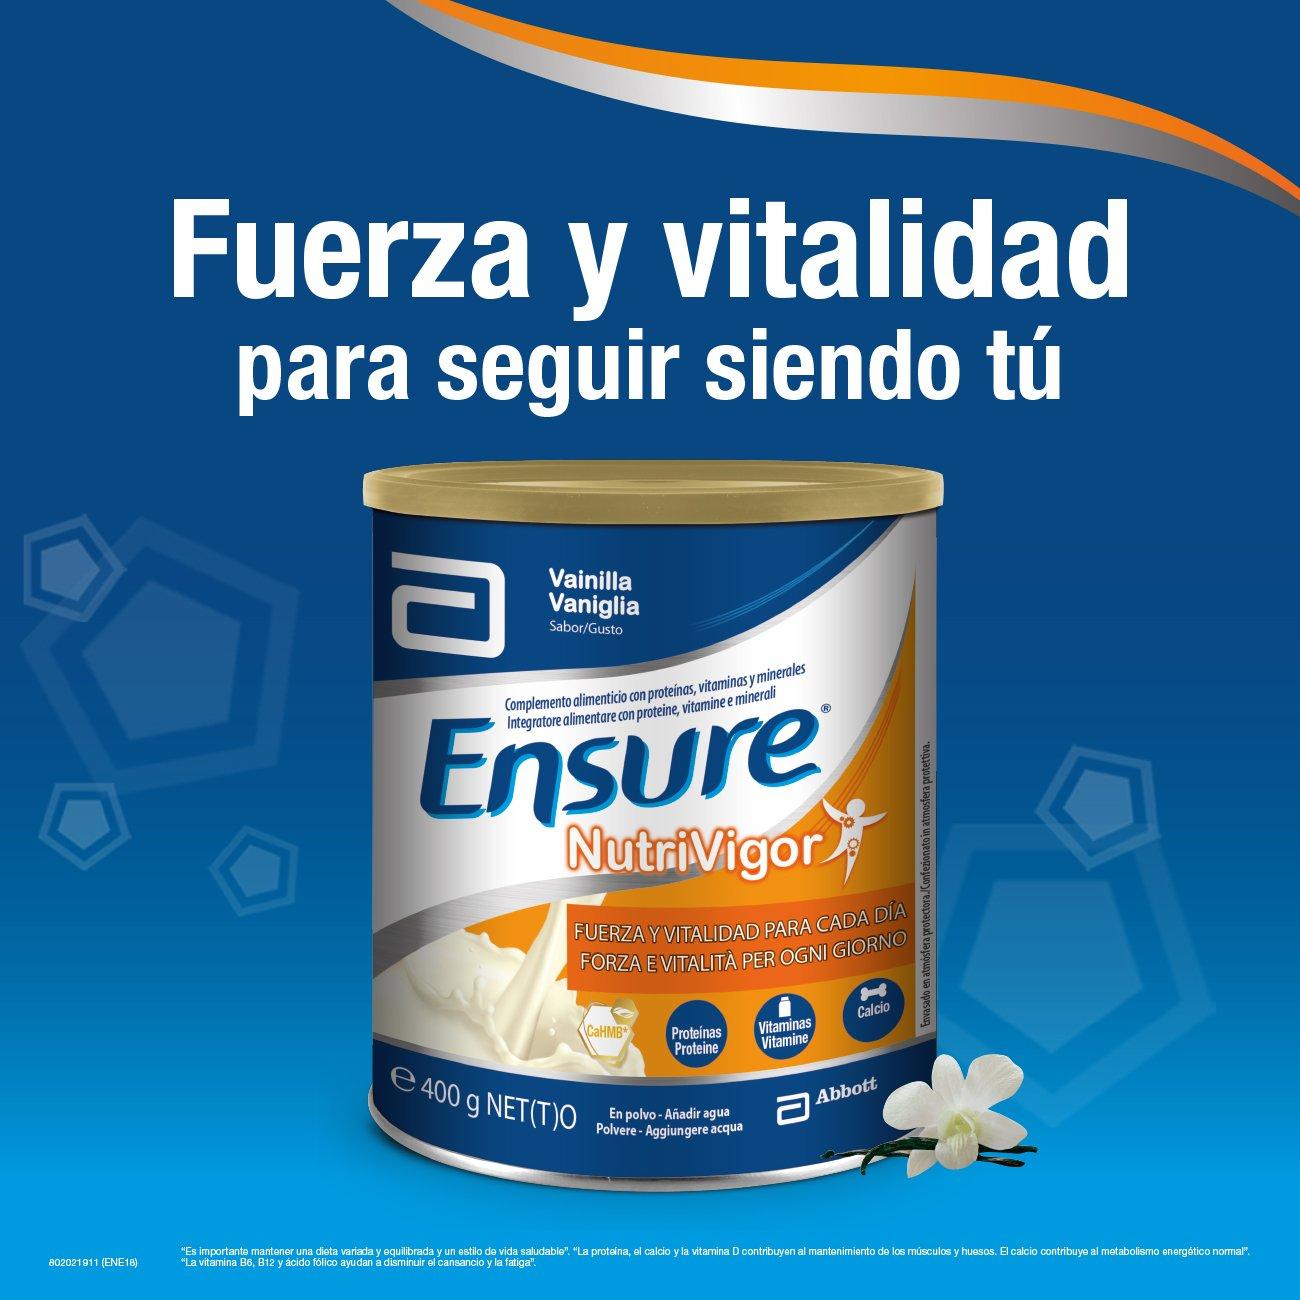 Ensure Nutrivigor sabor vainilla en botella de 220ml pack x4 – complemento alimenticio con proteínas, vitaminas, minerales y CaHMB*